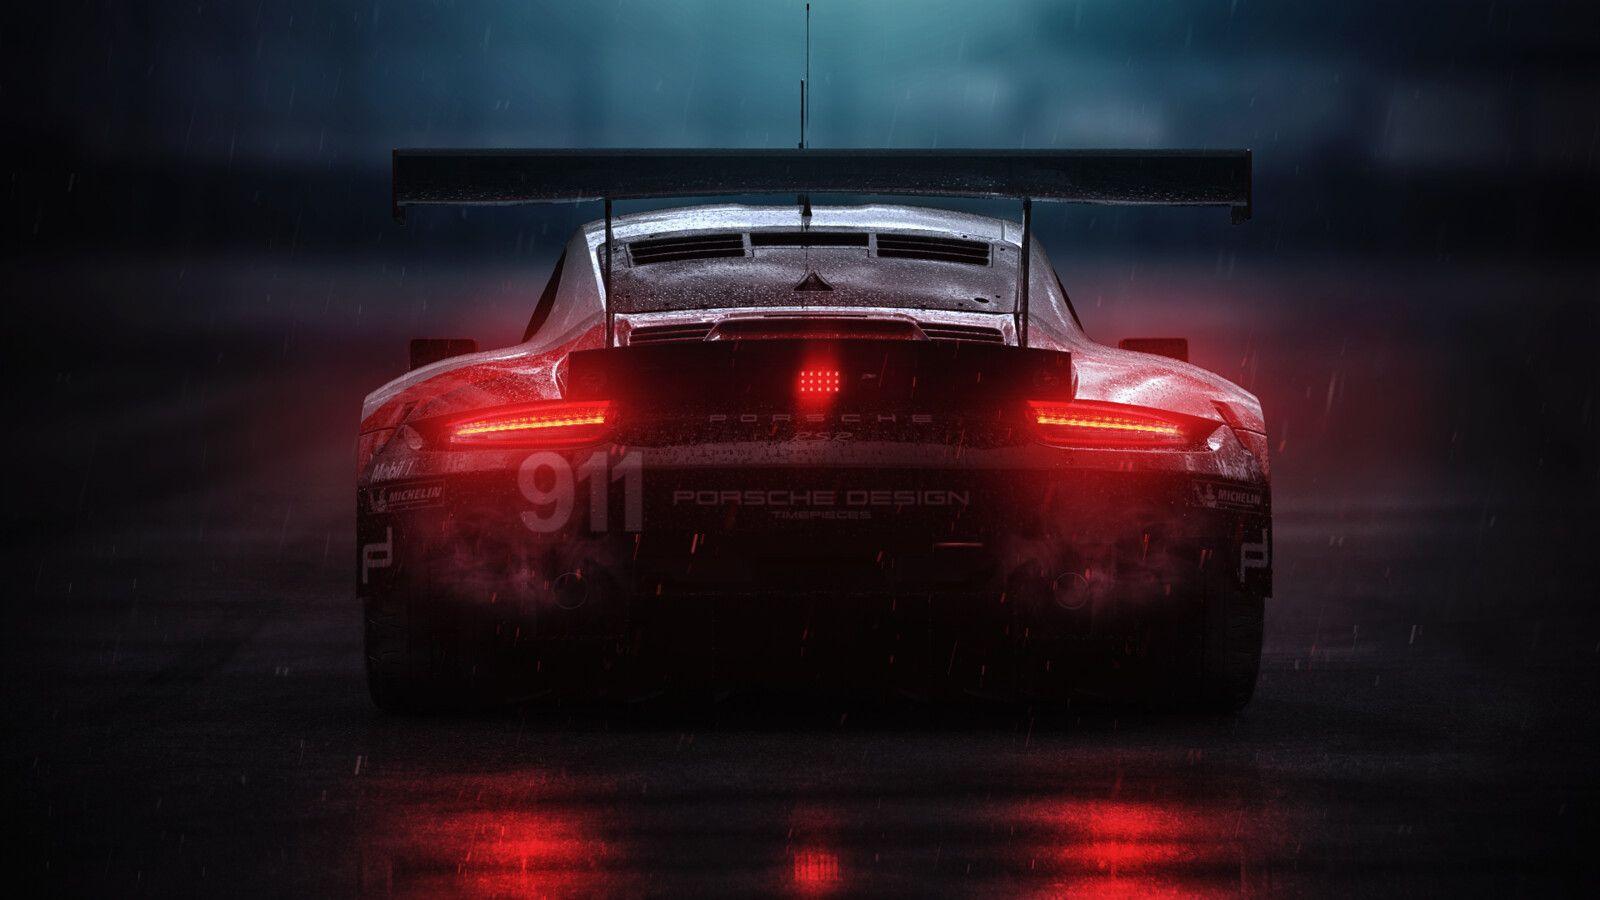 Pin By Matt Kehoe On Porsche Porsche 911 Rsr Porsche 911 Porsche 911 Gt2